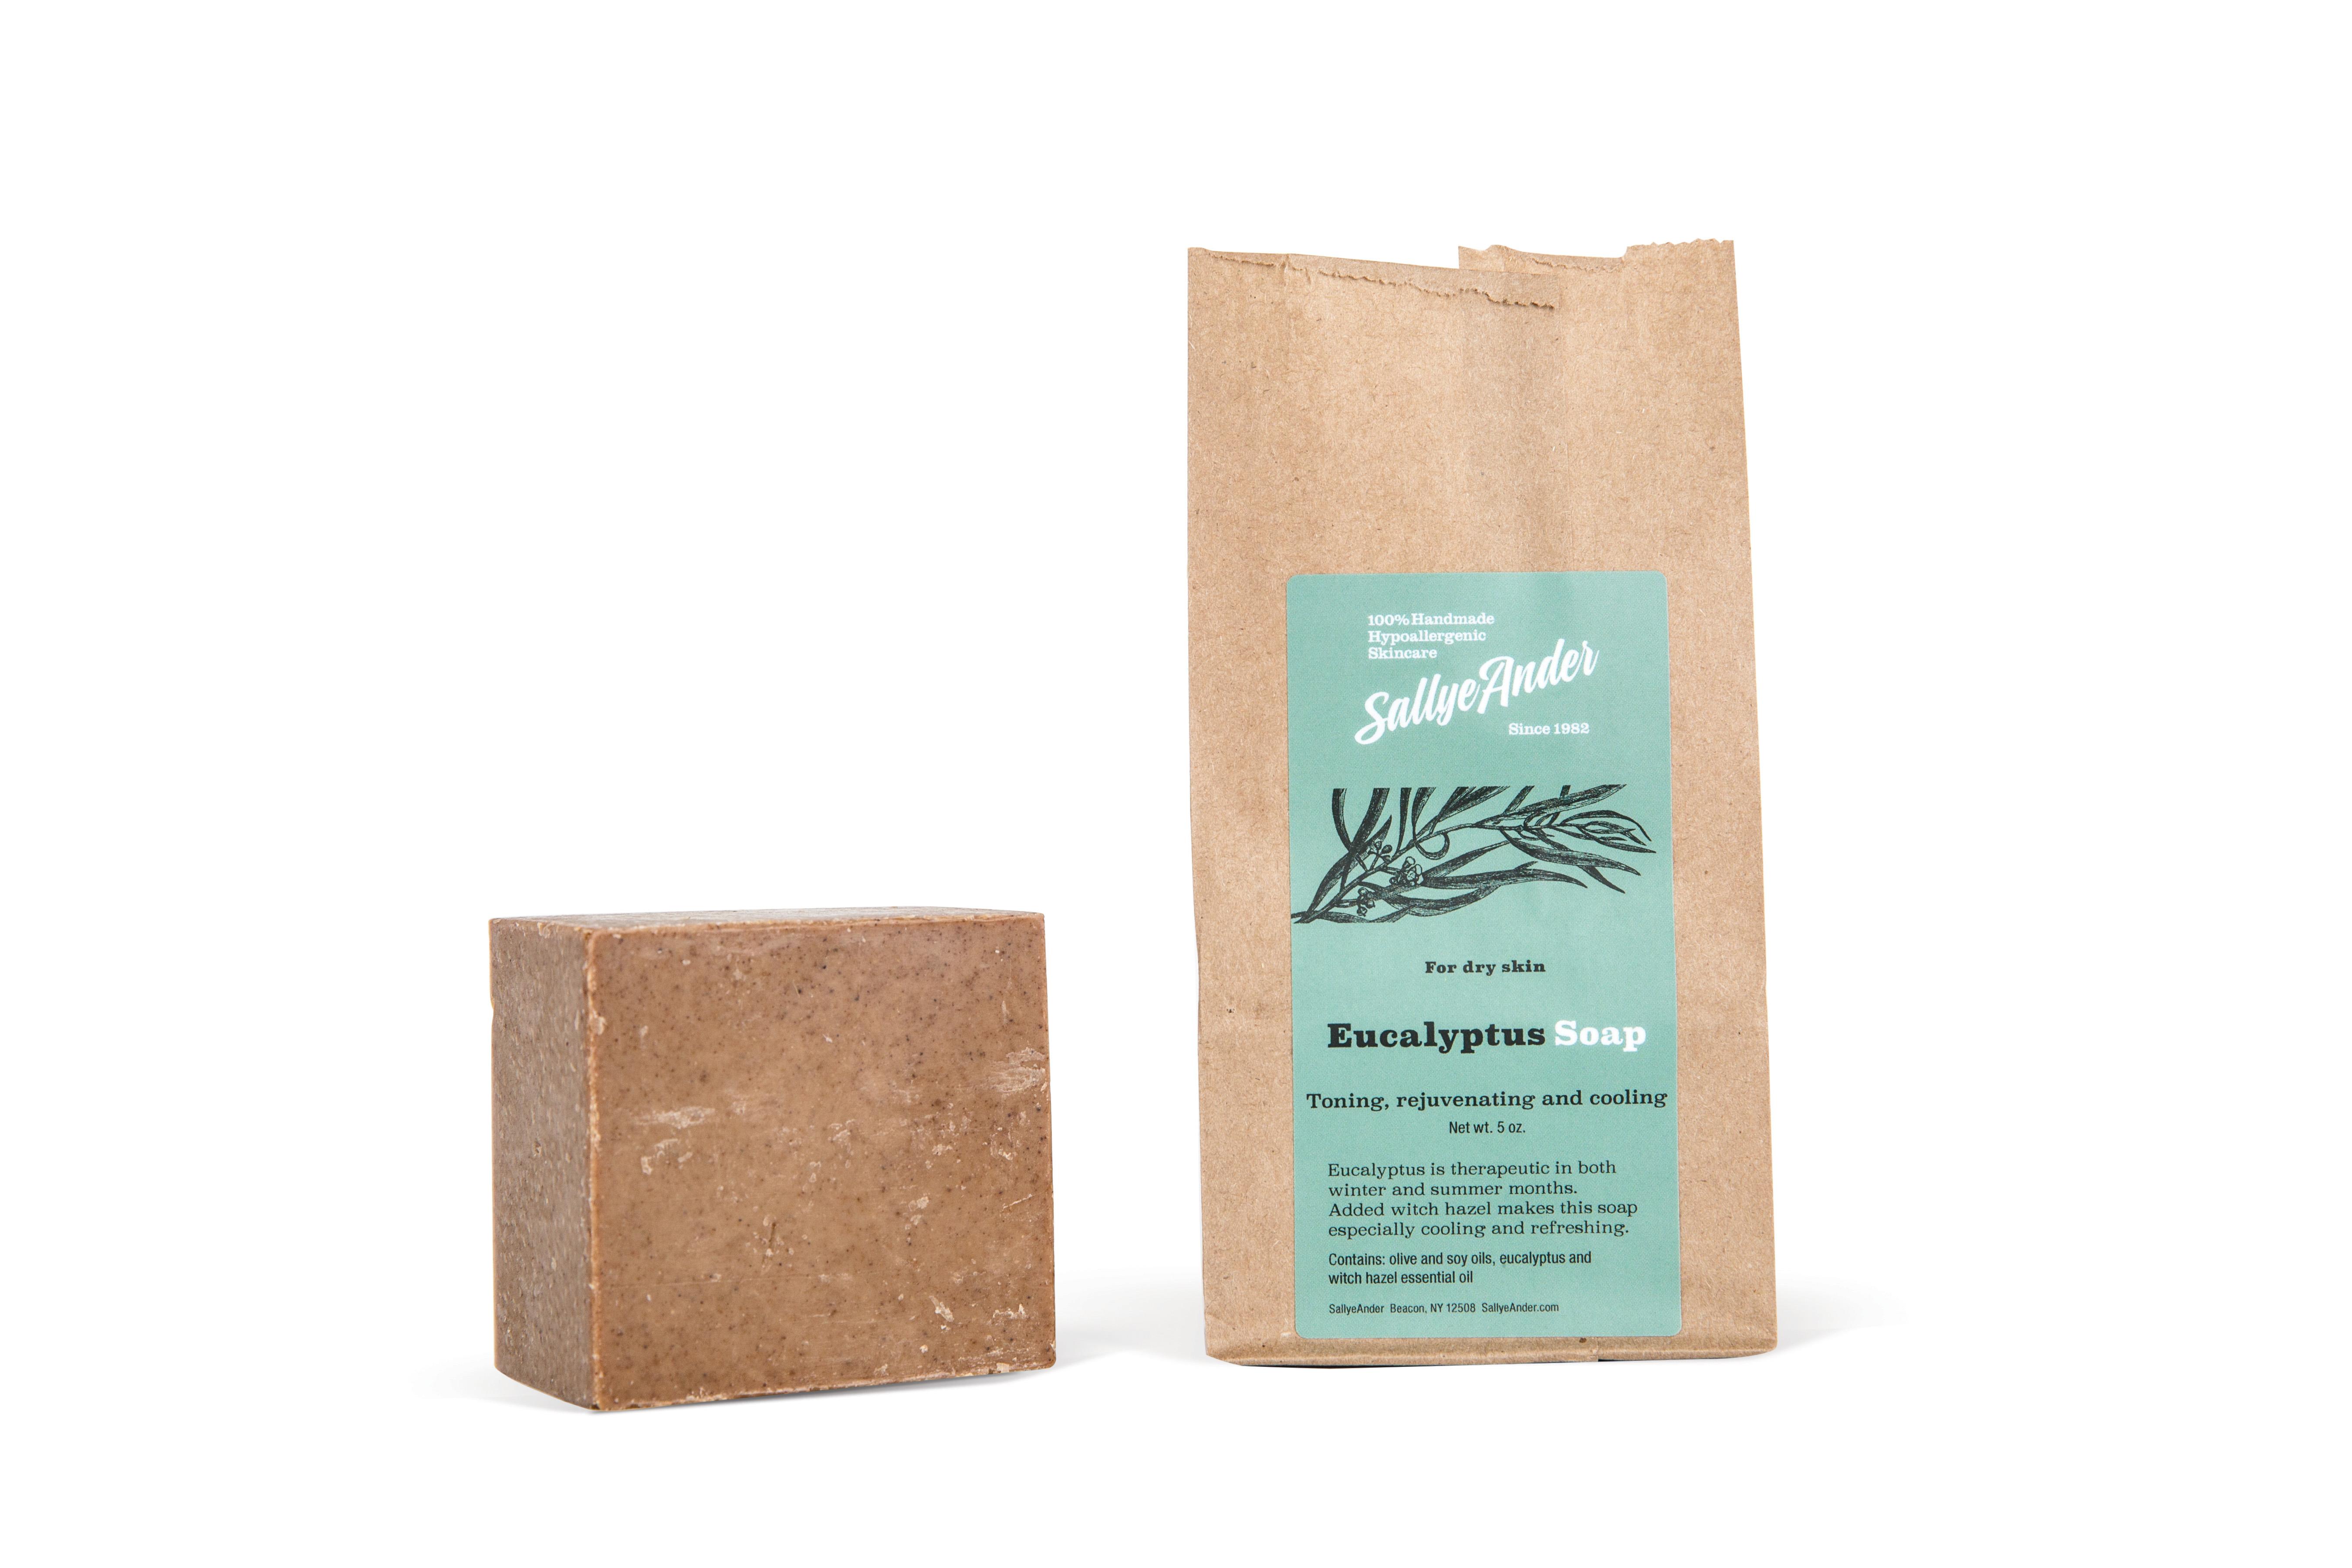 Eucalyptus Essential Soap